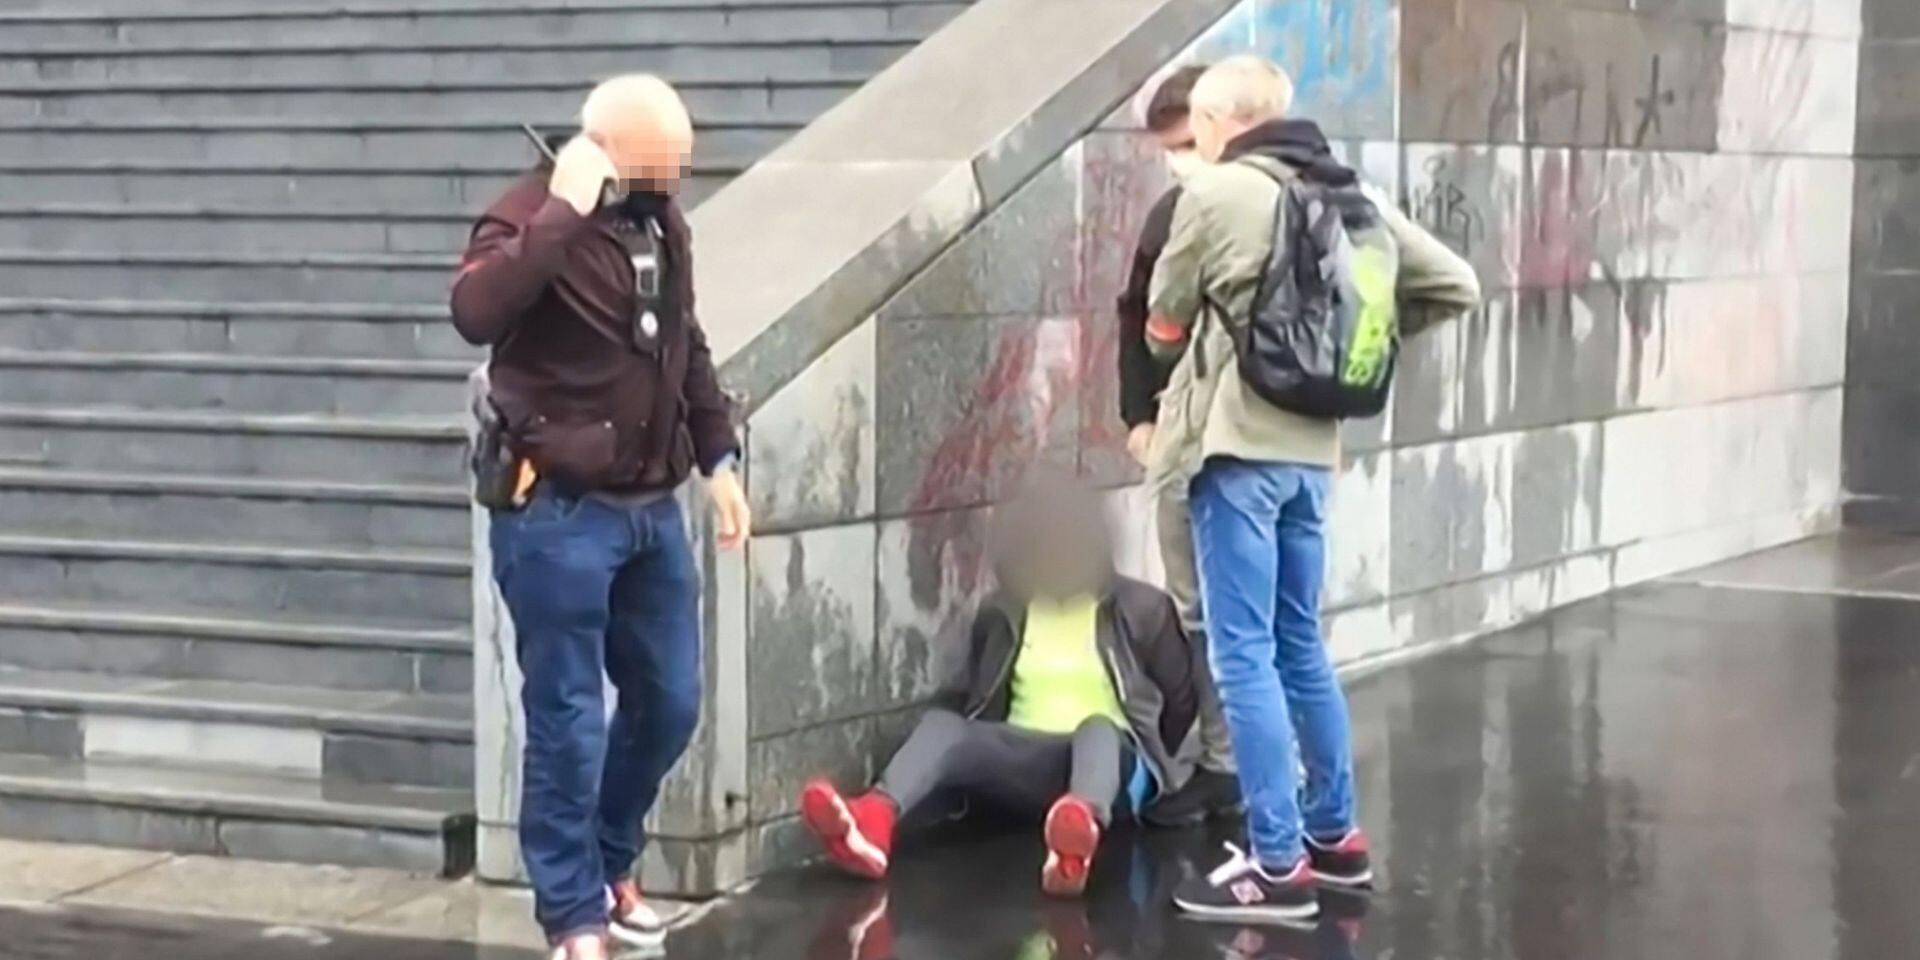 Attaque à Paris: une nouvelle garde à vue, prolongation de celle du principal suspect